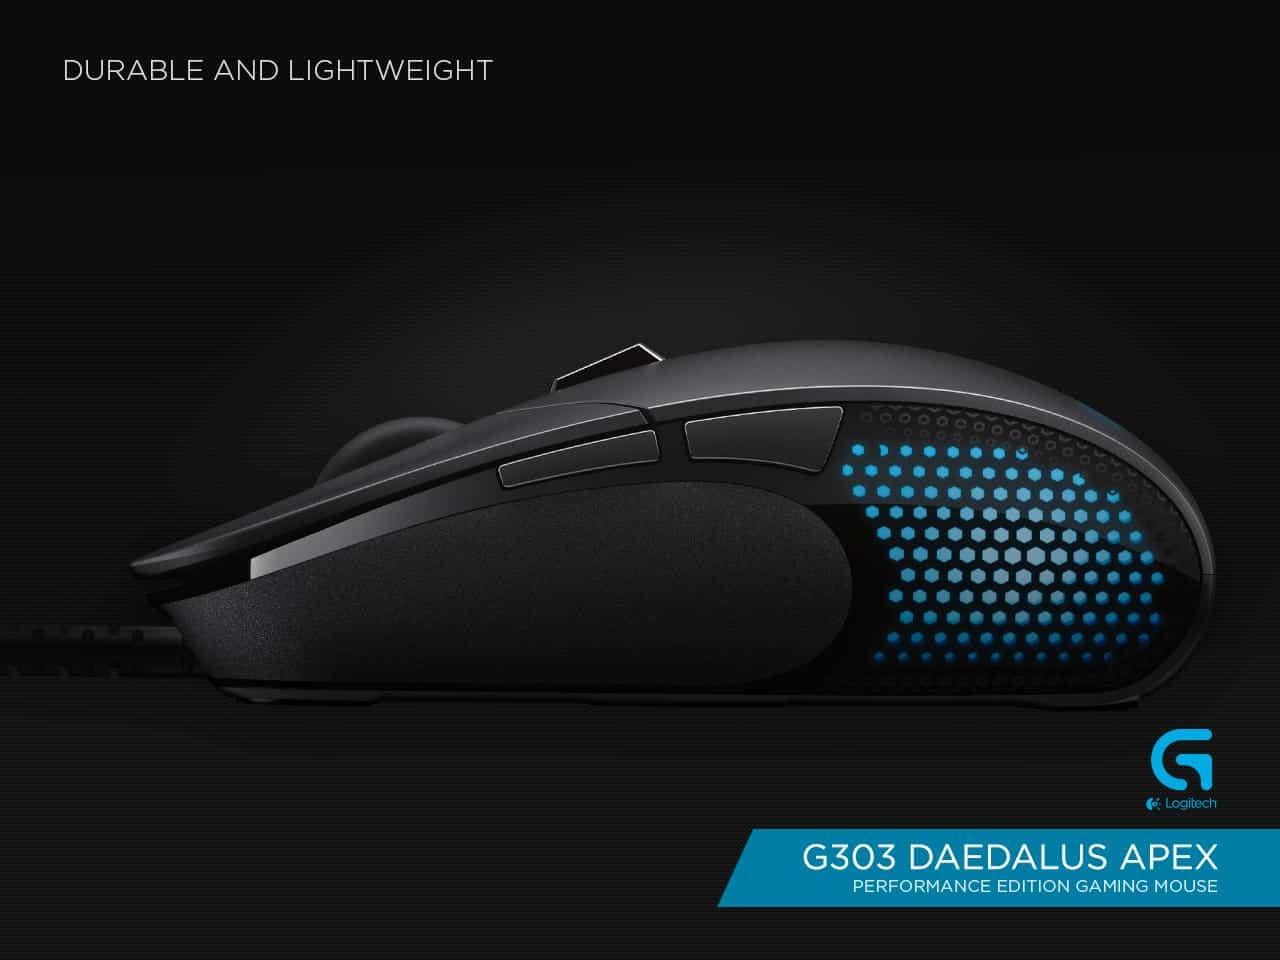 Logitech G303 Daedalus Apex Performance Edition Gaming Mouse, il nuovo mouse ideato secondo le richieste dei videogiocatori